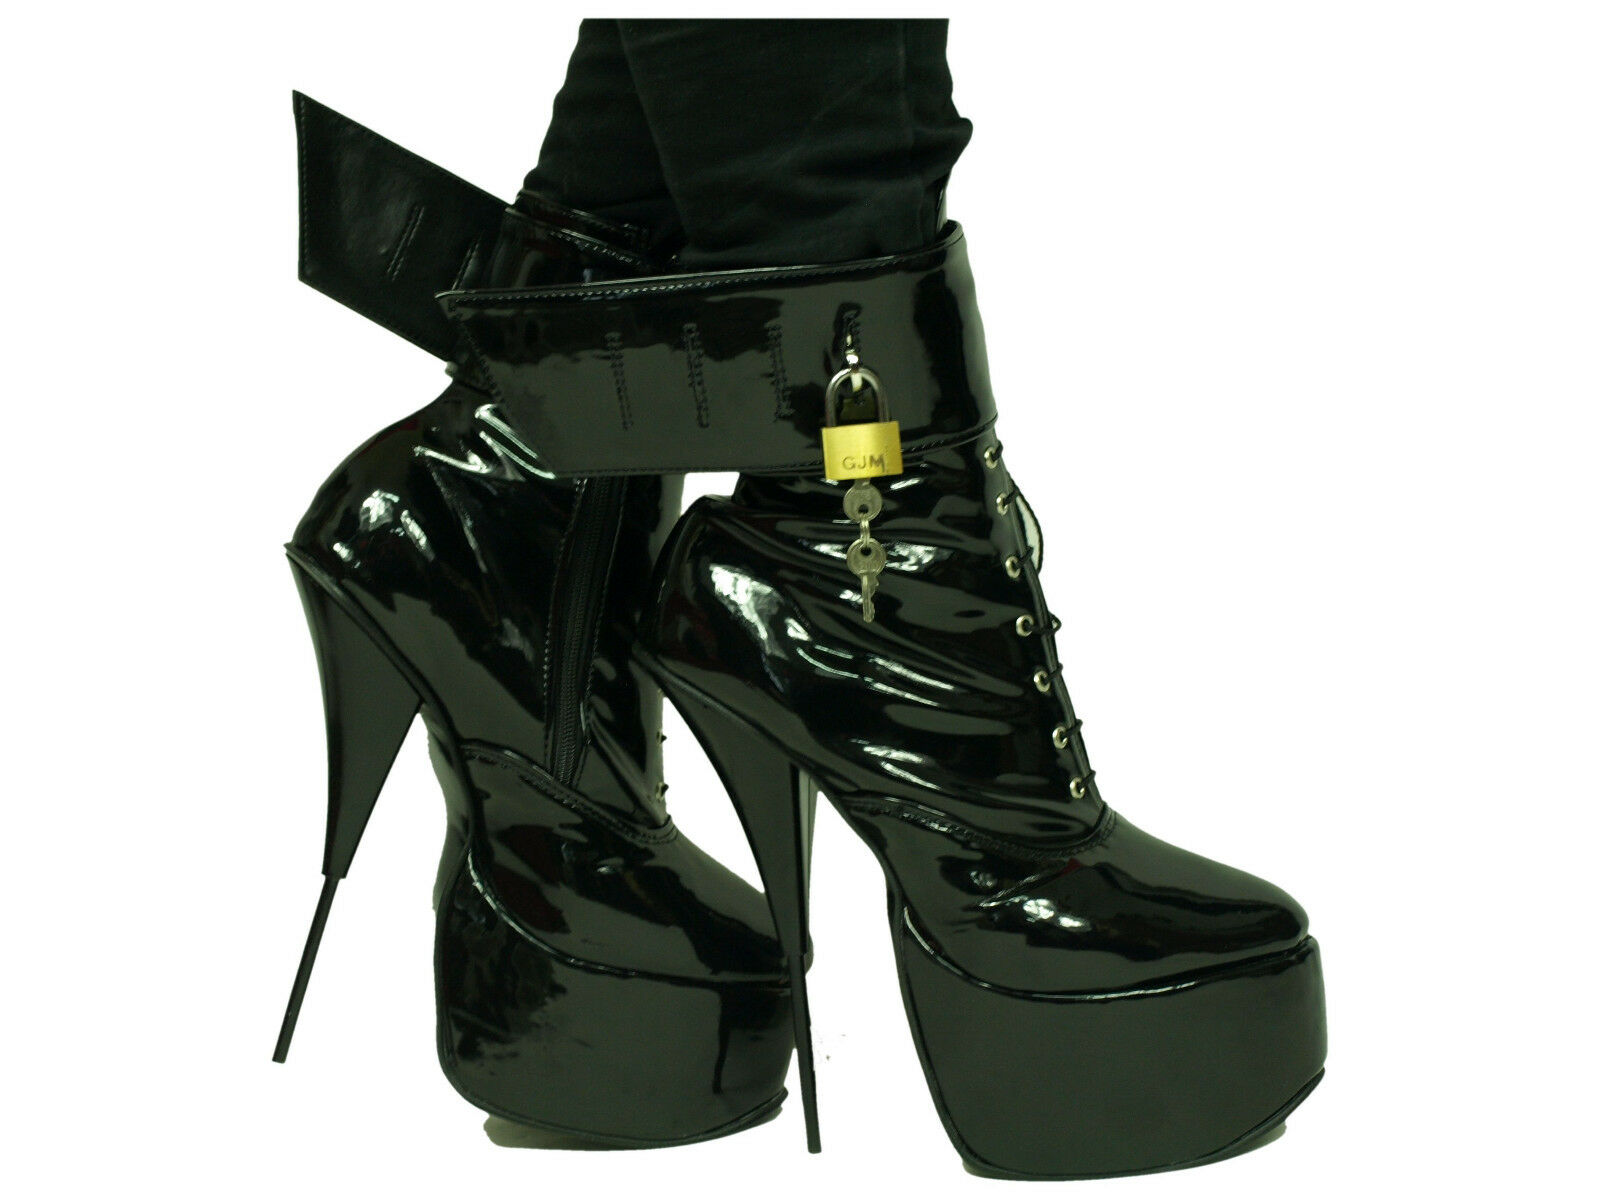 Promociones De Látex Goma Tacones Altos botas   - 20cm producen Polonia